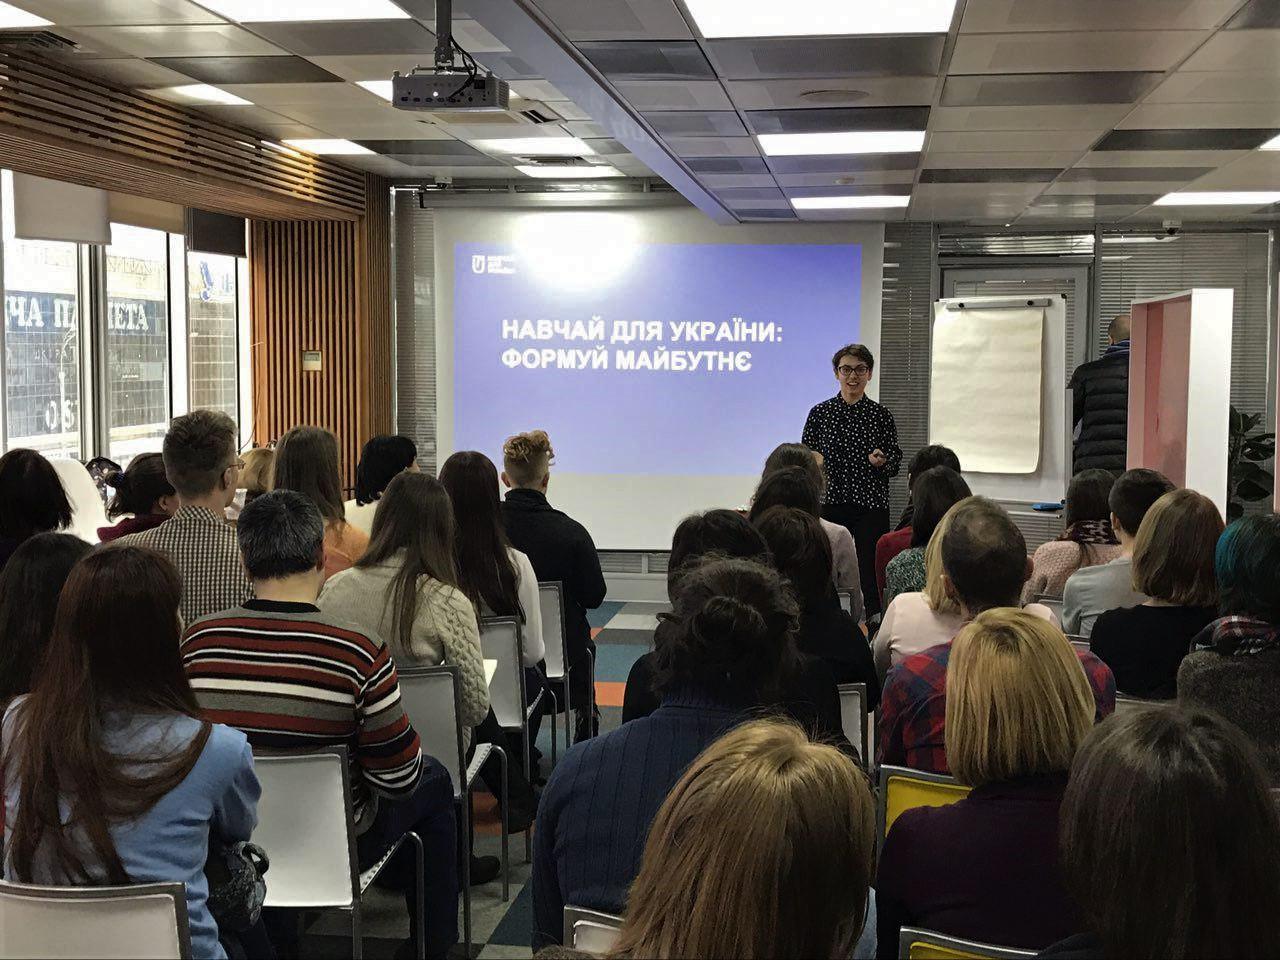 «Навчай для України»: програма, що надихає покоління та змінює життя